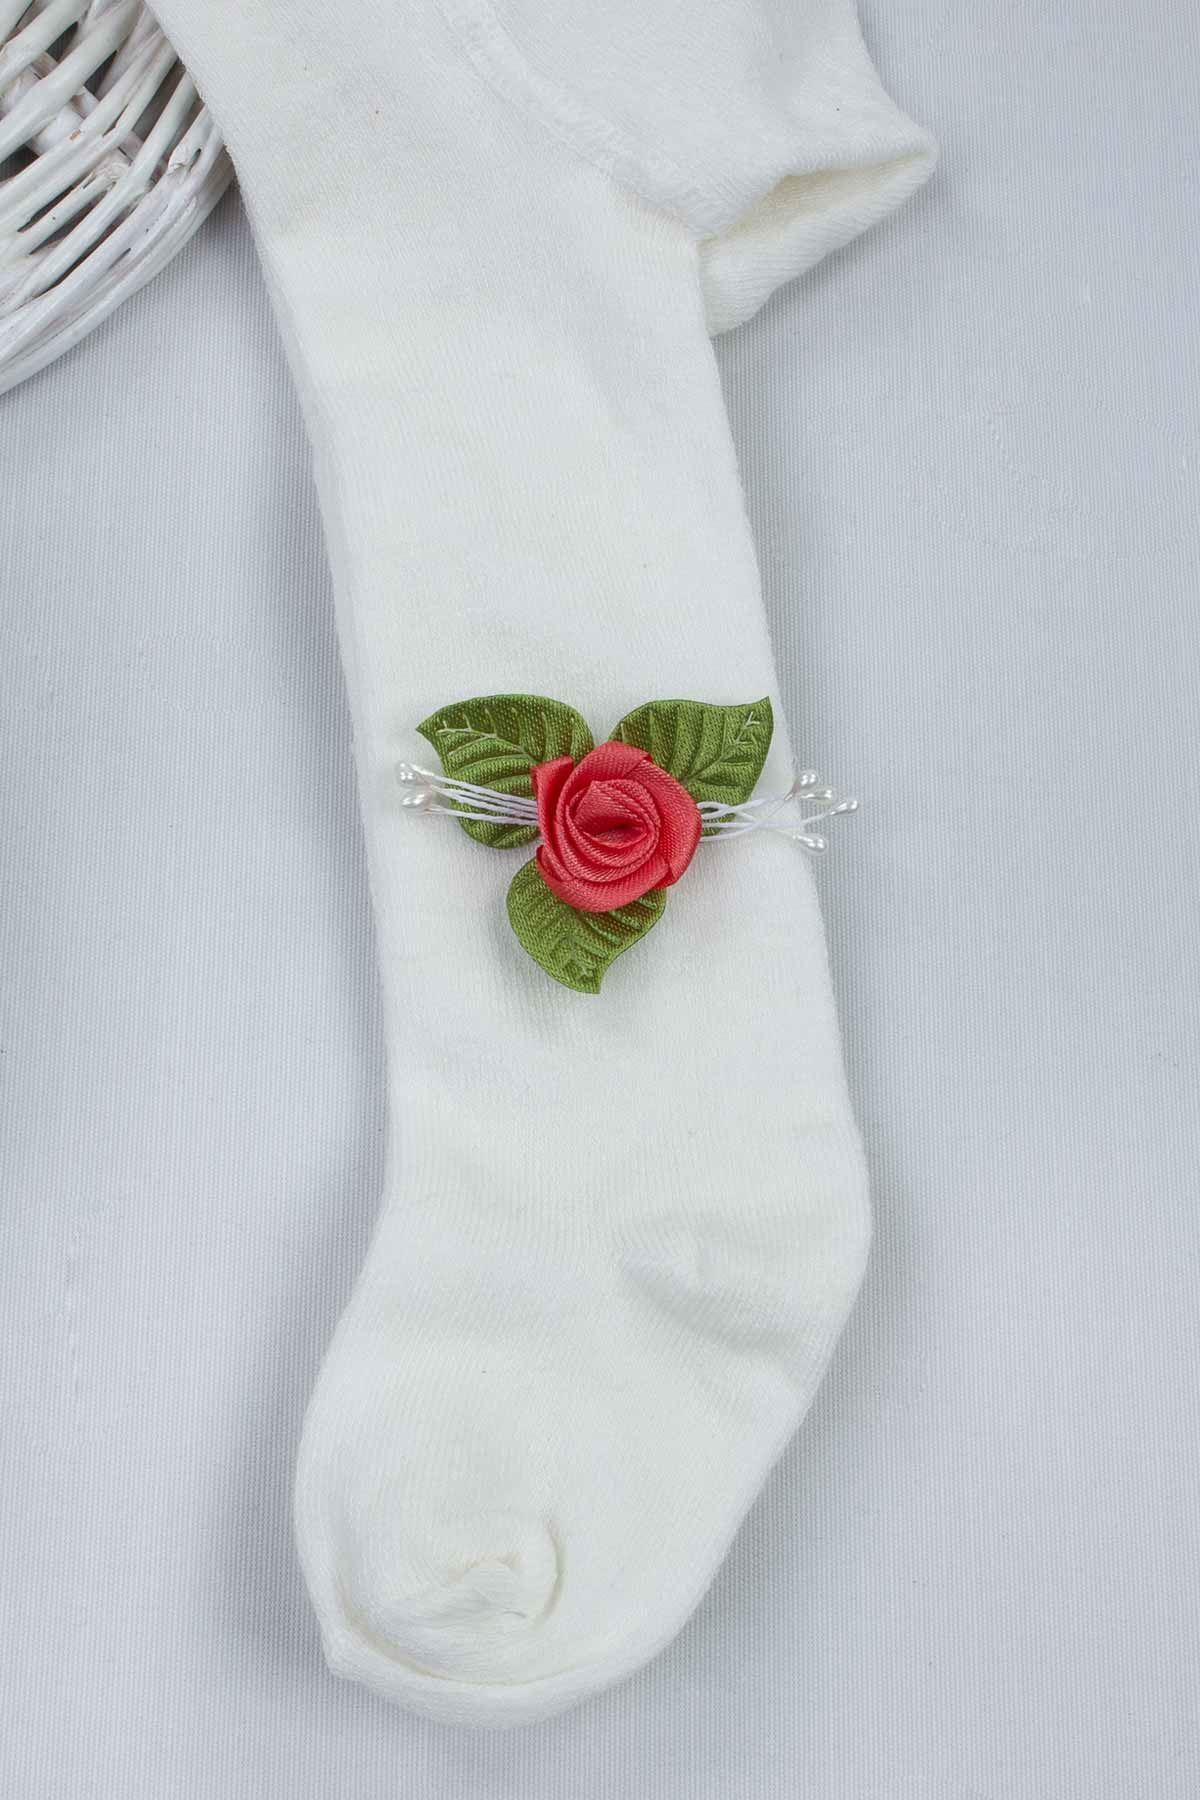 Narçiçeği Kız Bebek 3 lü Hediyelik Çorap Bandana Ayakkabı Set